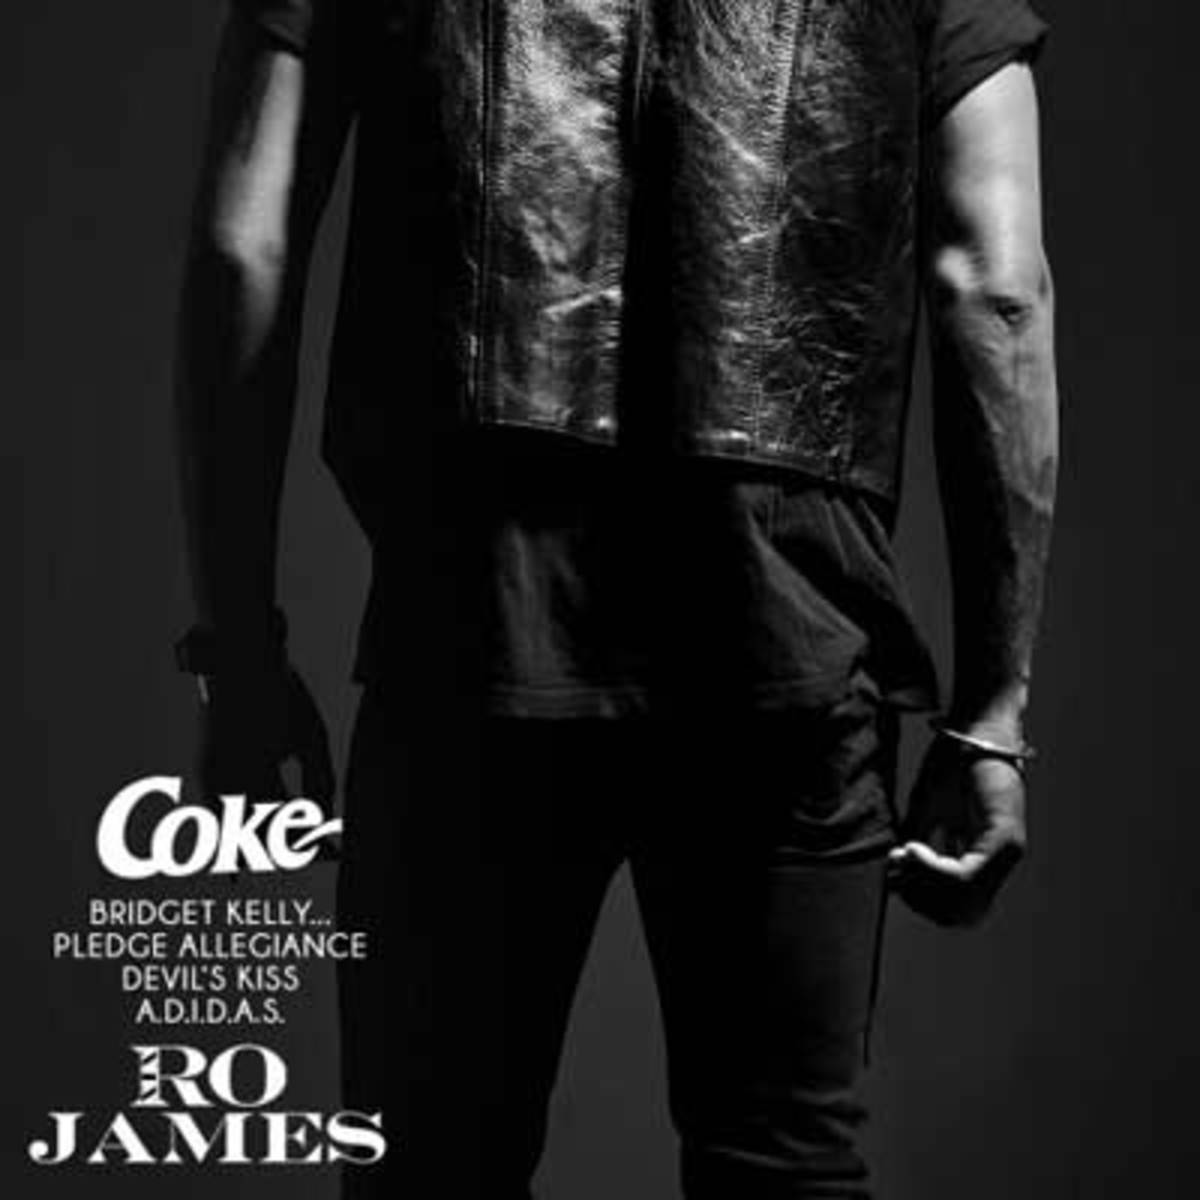 rojames-coke.jpg